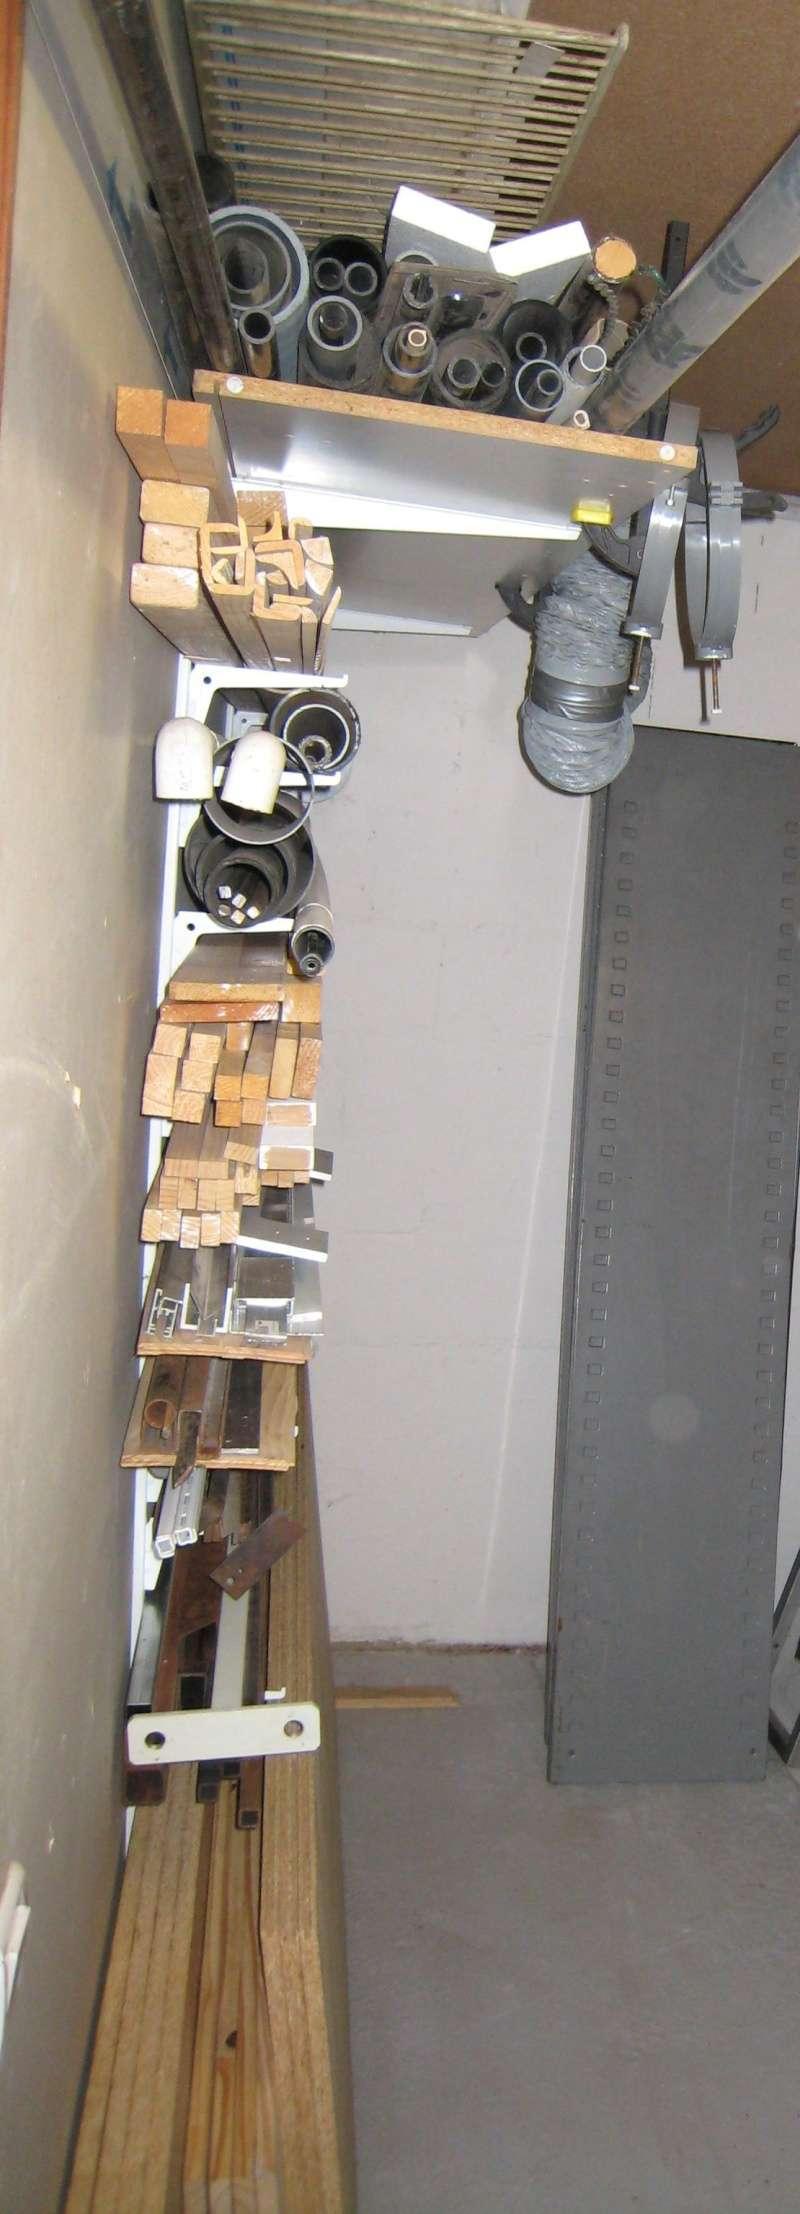 Brico-réalité : un confinement après une canicule pour tout ranger  Img_4415